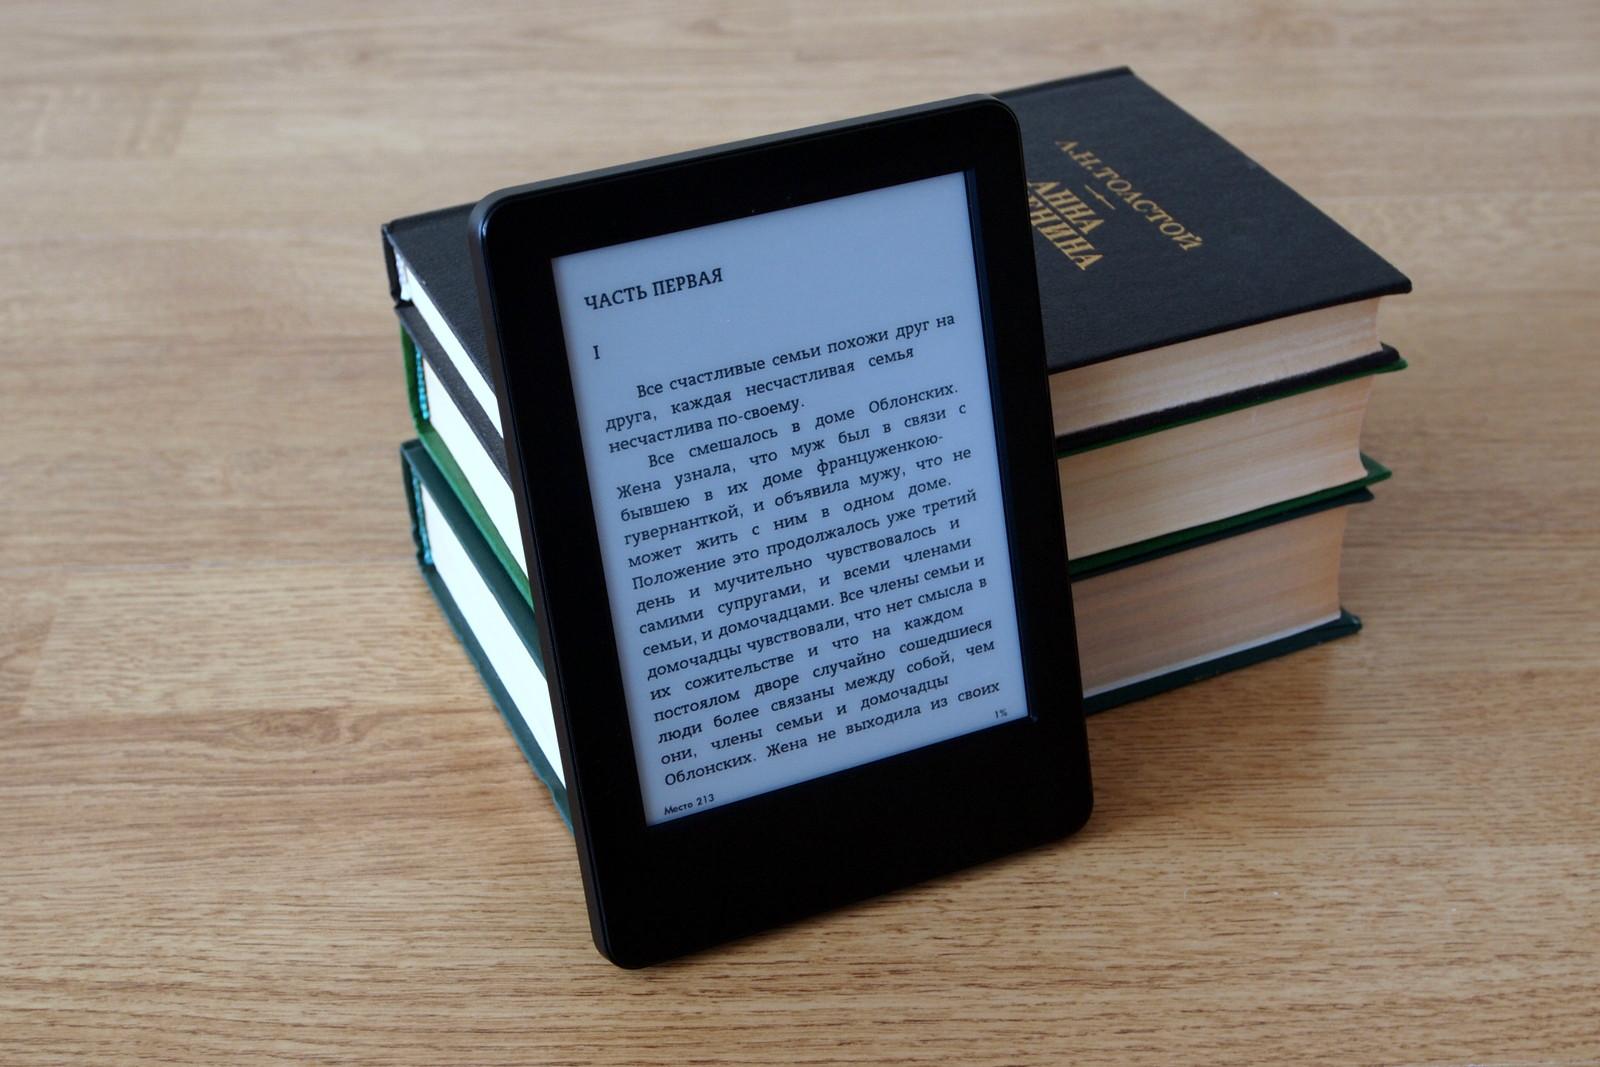 Новгородские библиотеки в обязательном порядке получат электронные экземпляры книг